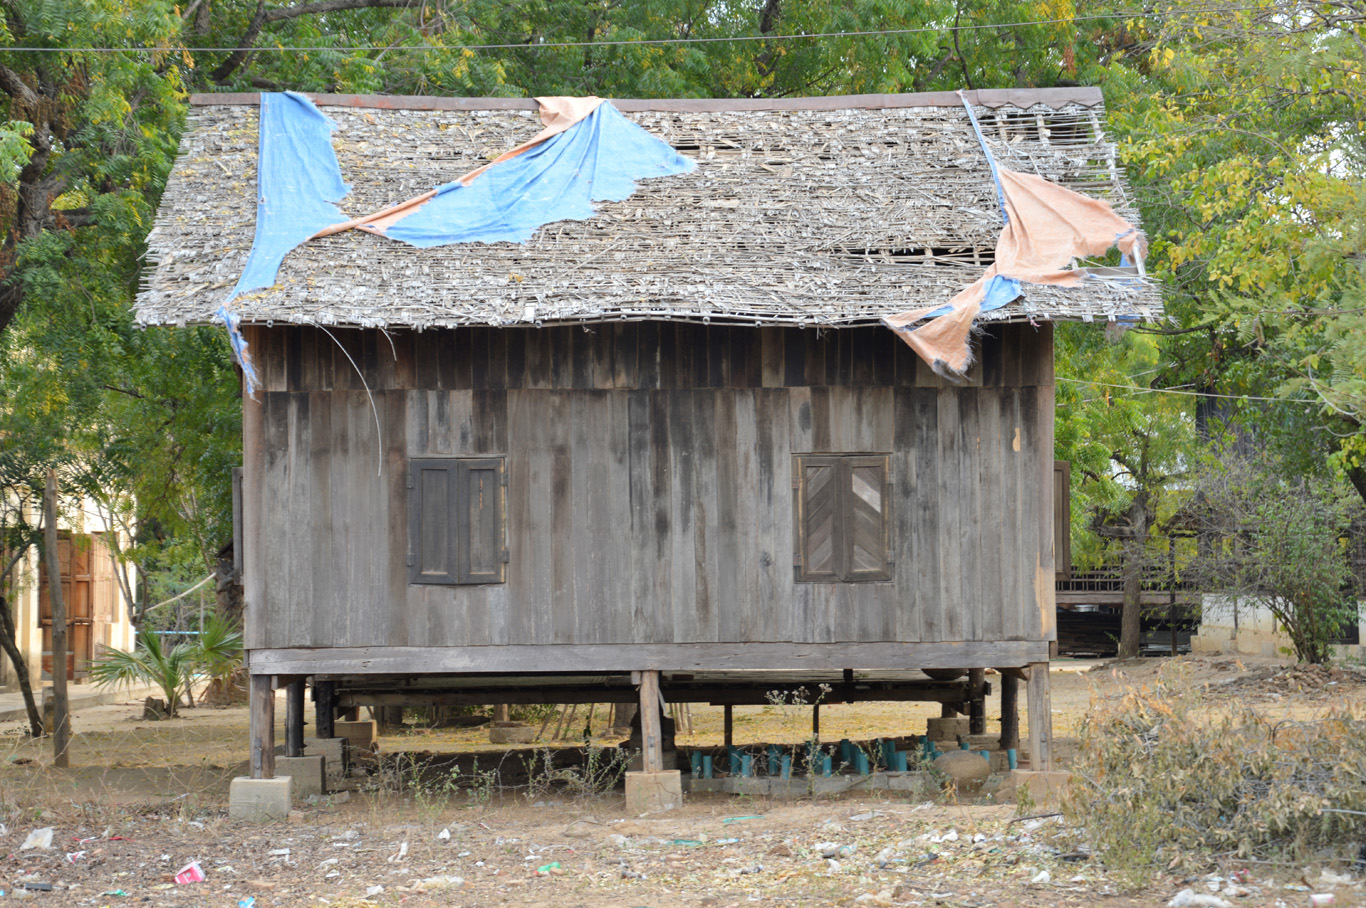 Local huts